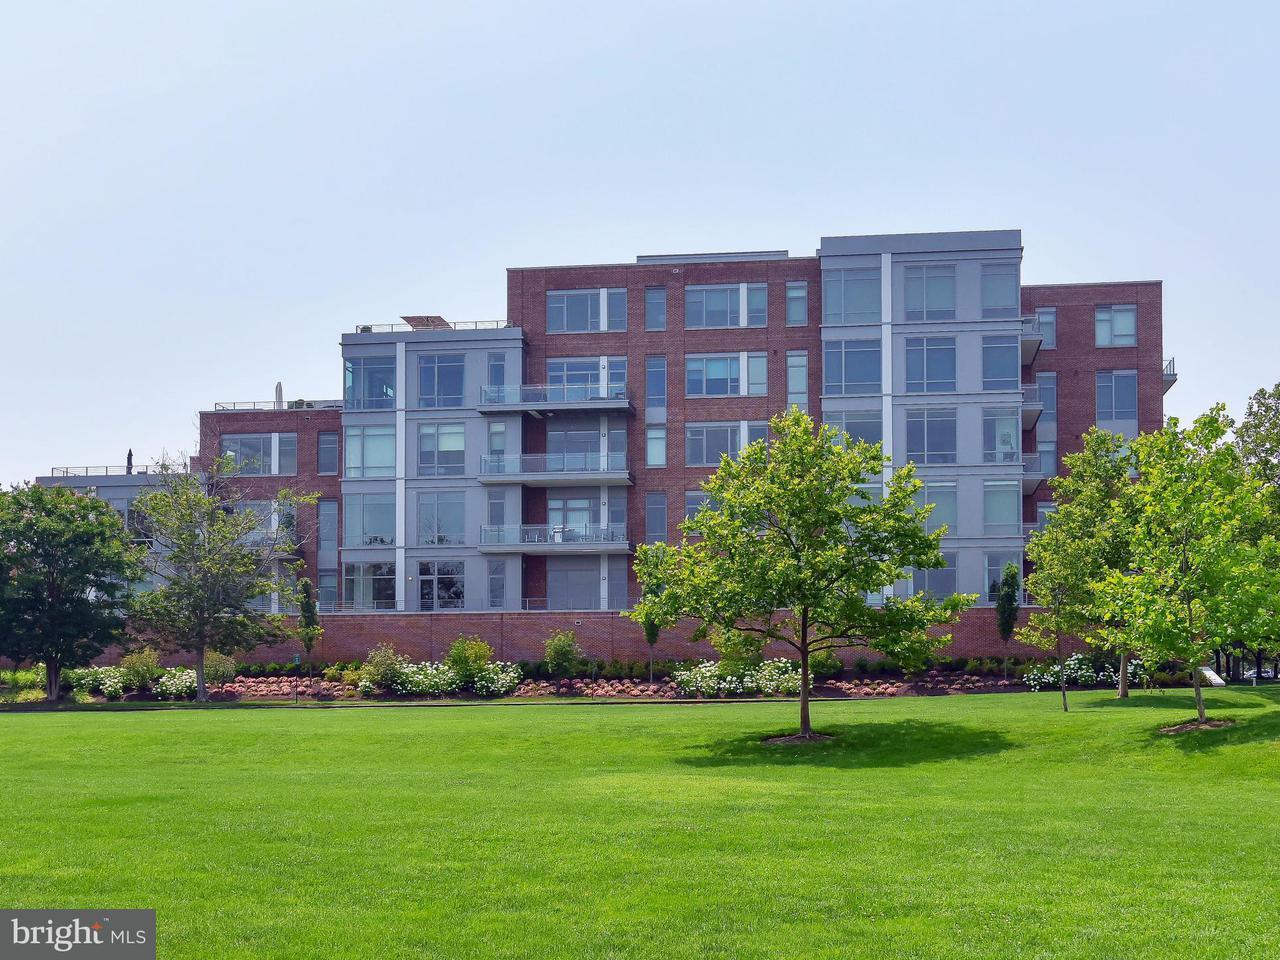 Πολυκατοικία ατομικής ιδιοκτησίας για την Πώληση στο 601 N. Fairfax St #216 601 N. Fairfax St #216 Alexandria, Βιρτζινια 22314 Ηνωμενεσ Πολιτειεσ